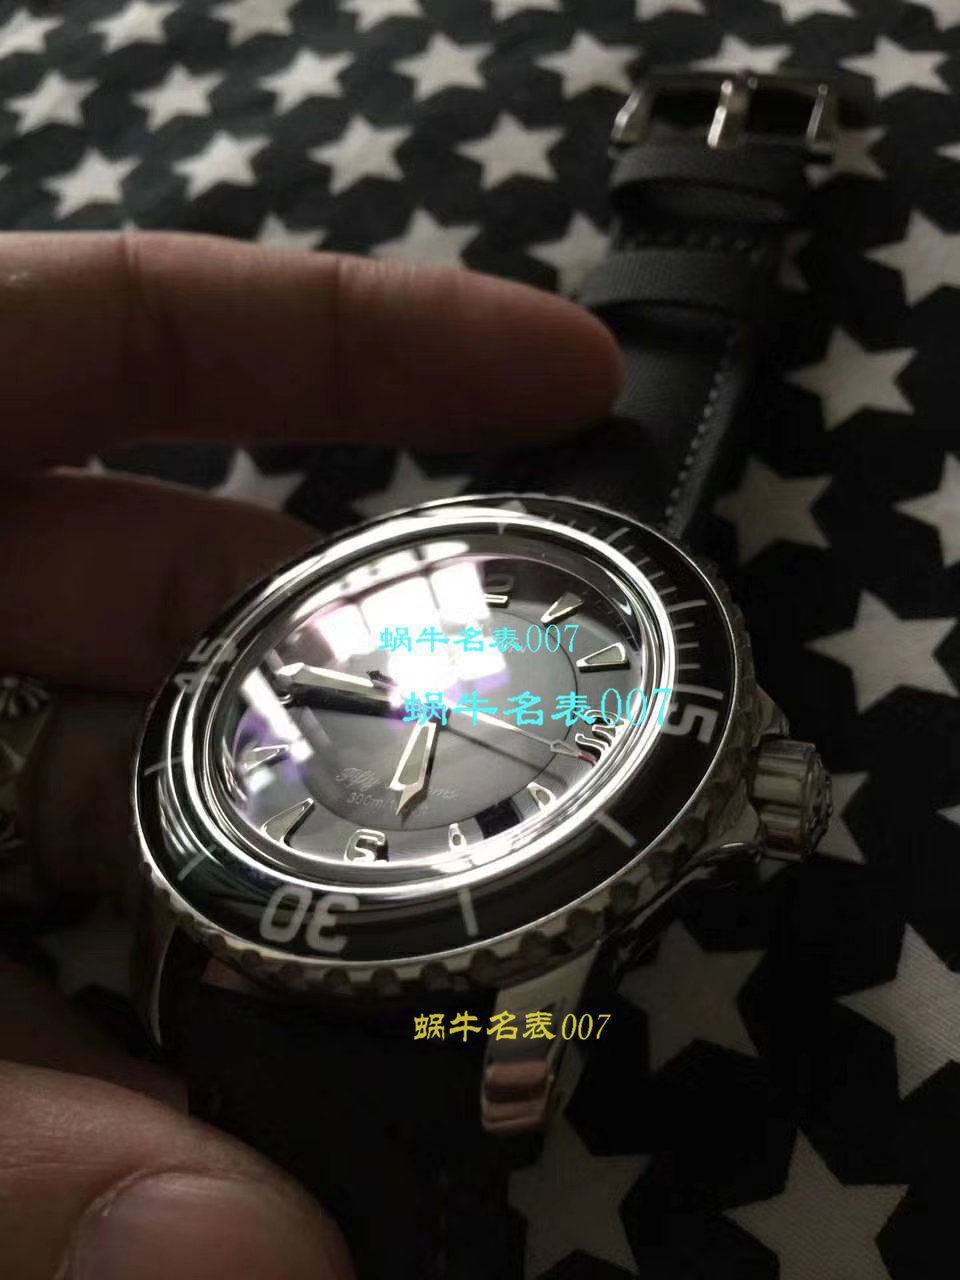 【视频评测ZF厂宝珀五十噚复刻手表】Blancpain宝珀五十噚系列 5015D-1140-52B腕表 / BP061